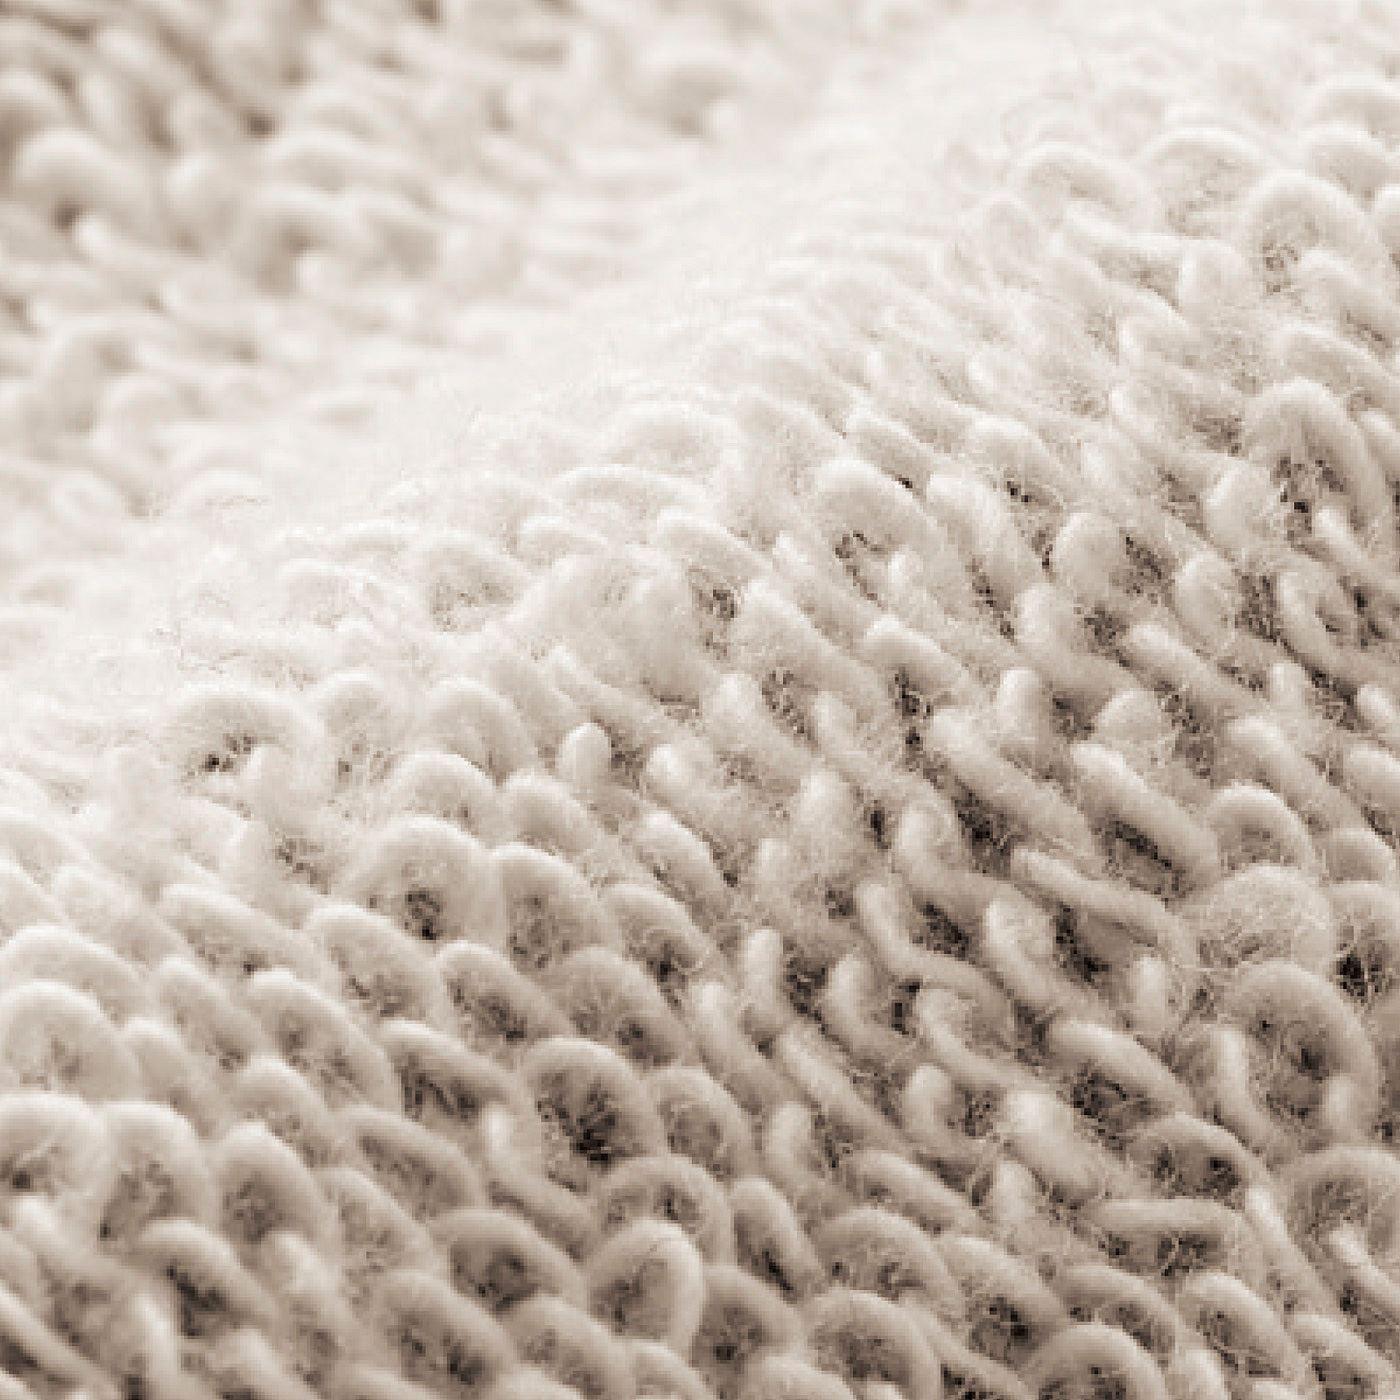 ループをゆるやかに編むつり裏毛風素材は、空気を含んでふんわりやわらかく、あたたかな着心地。